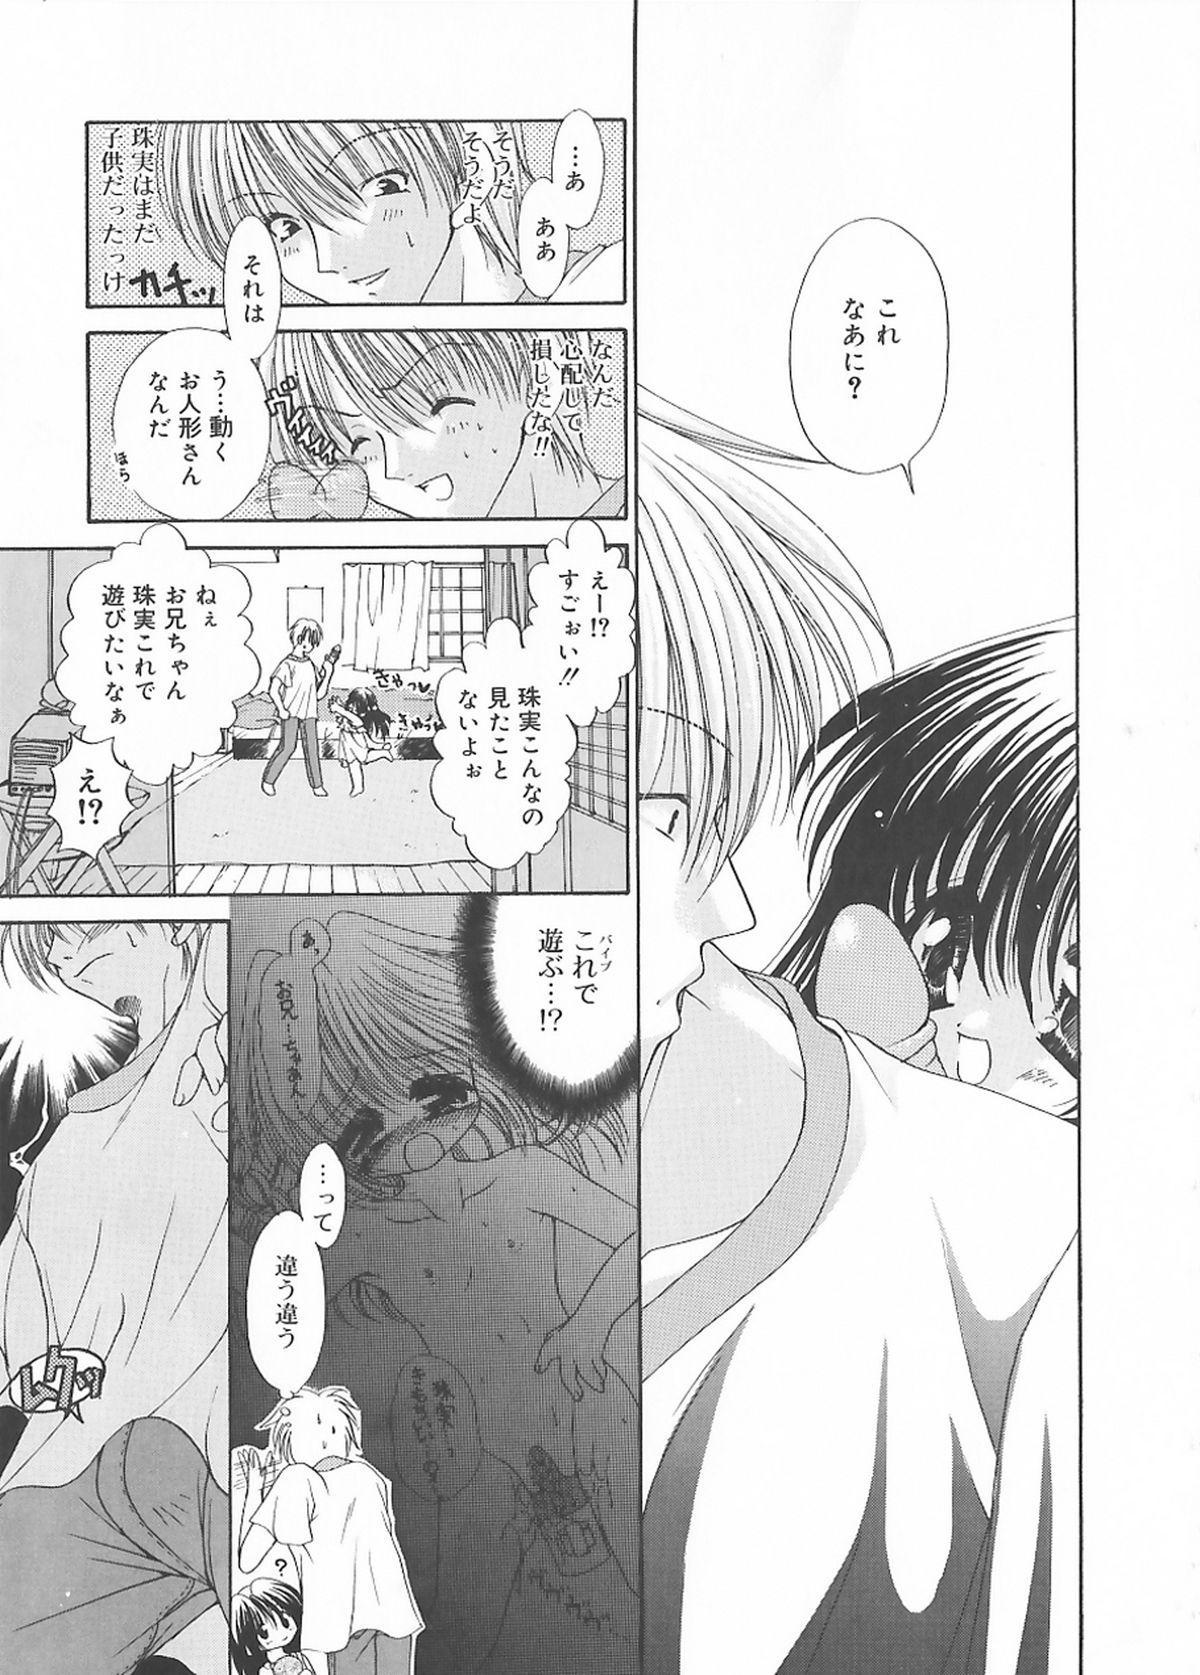 Cream Tengoku - Shinsouban 118